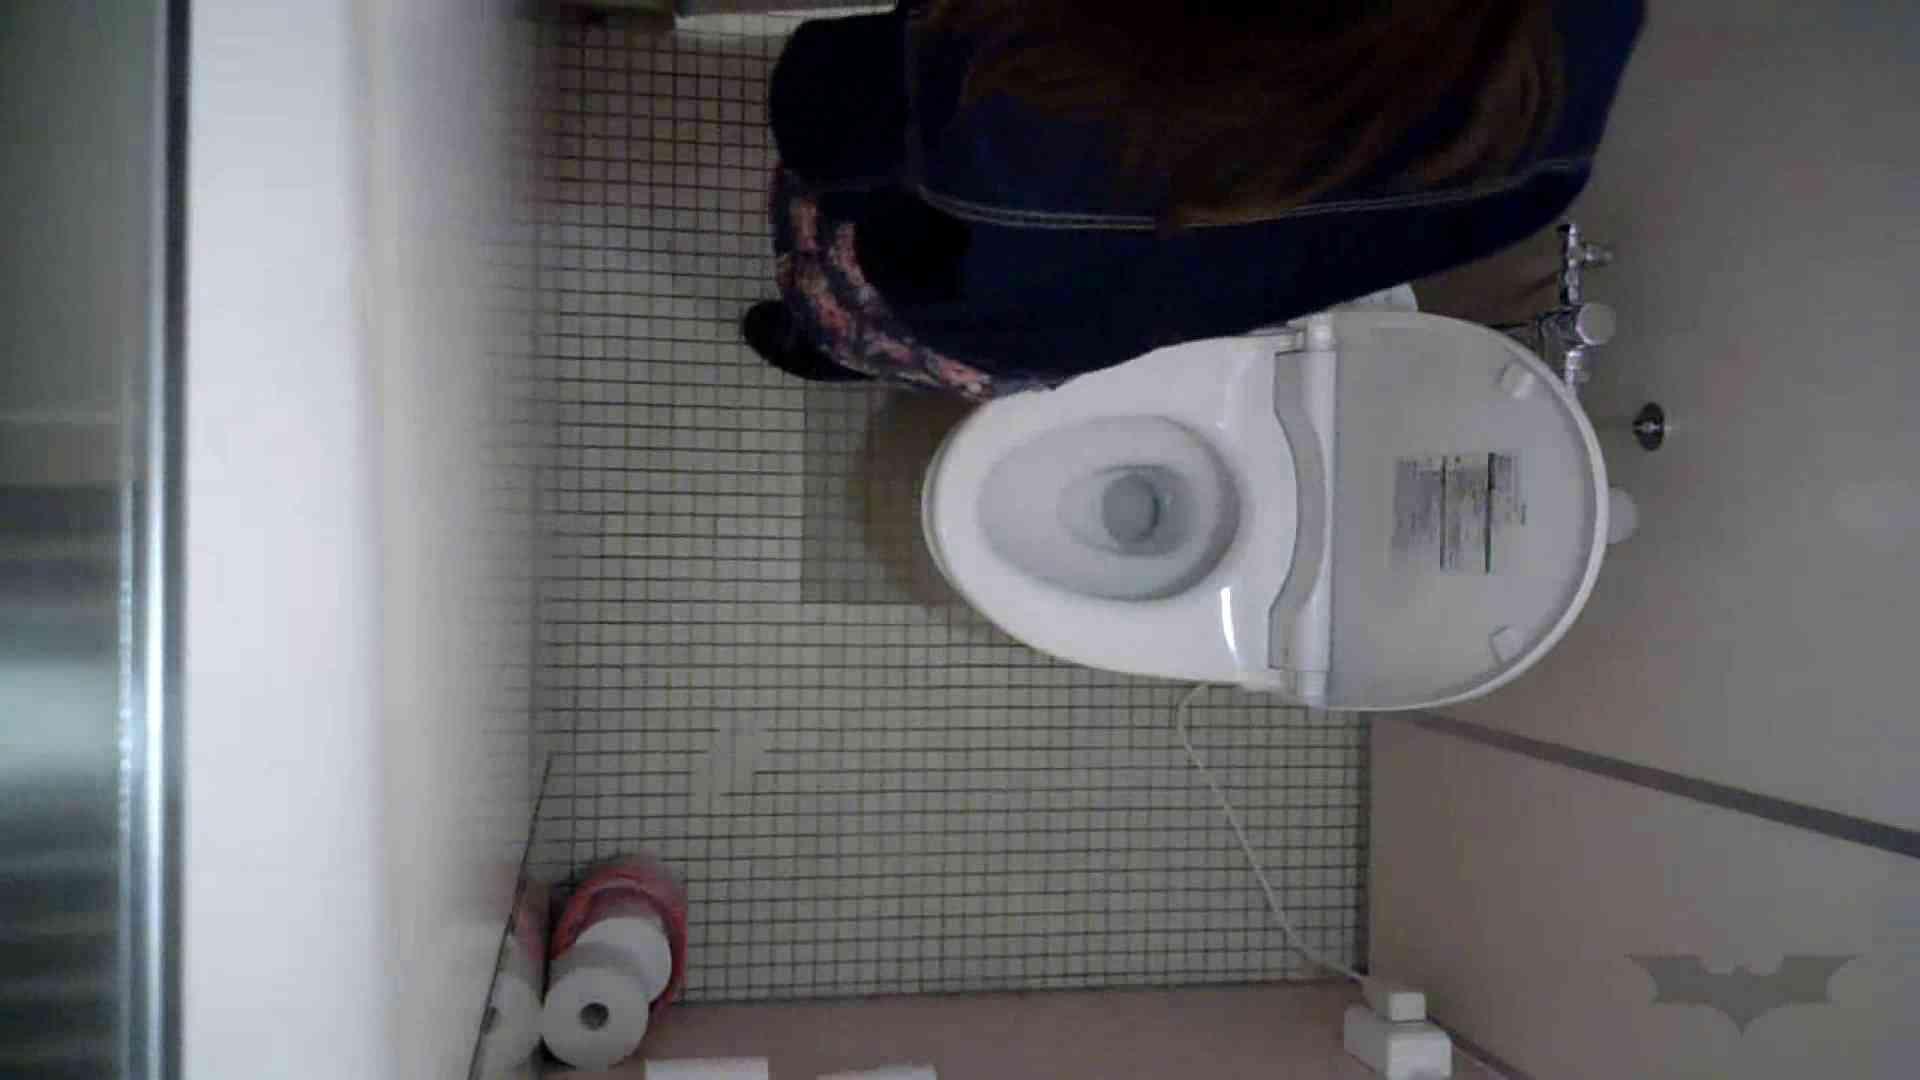 無修正エロ動画|有名大学女性洗面所 vol.41 素敵なオシリとお顔がいっぱい。抜き過ぎ注意報!|怪盗ジョーカー